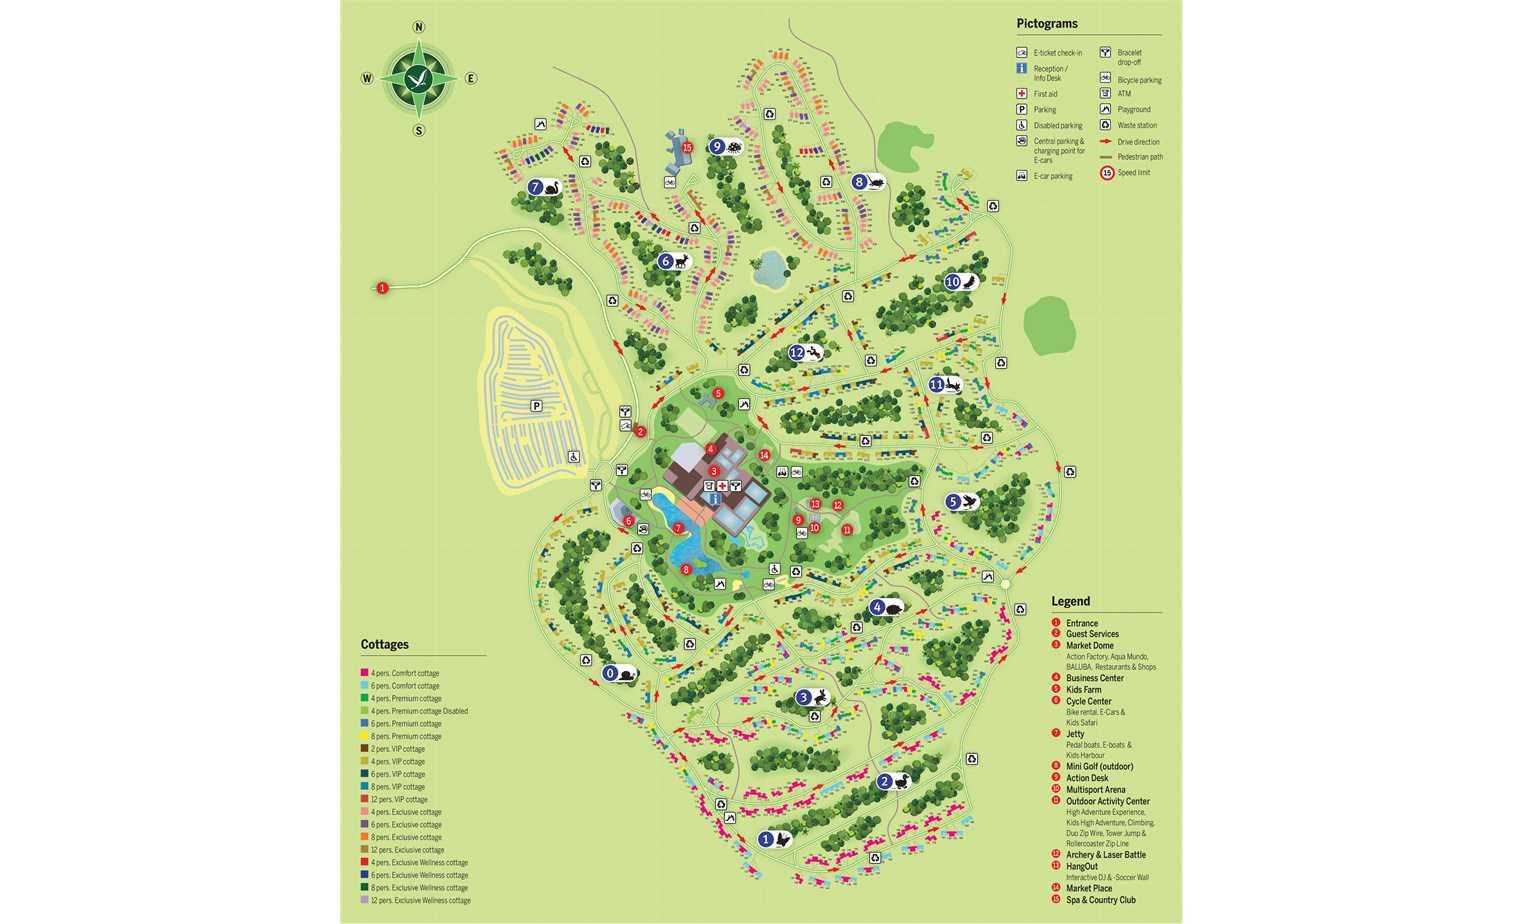 Village Map Of Center Parcs Park Allgau Parkexplorer